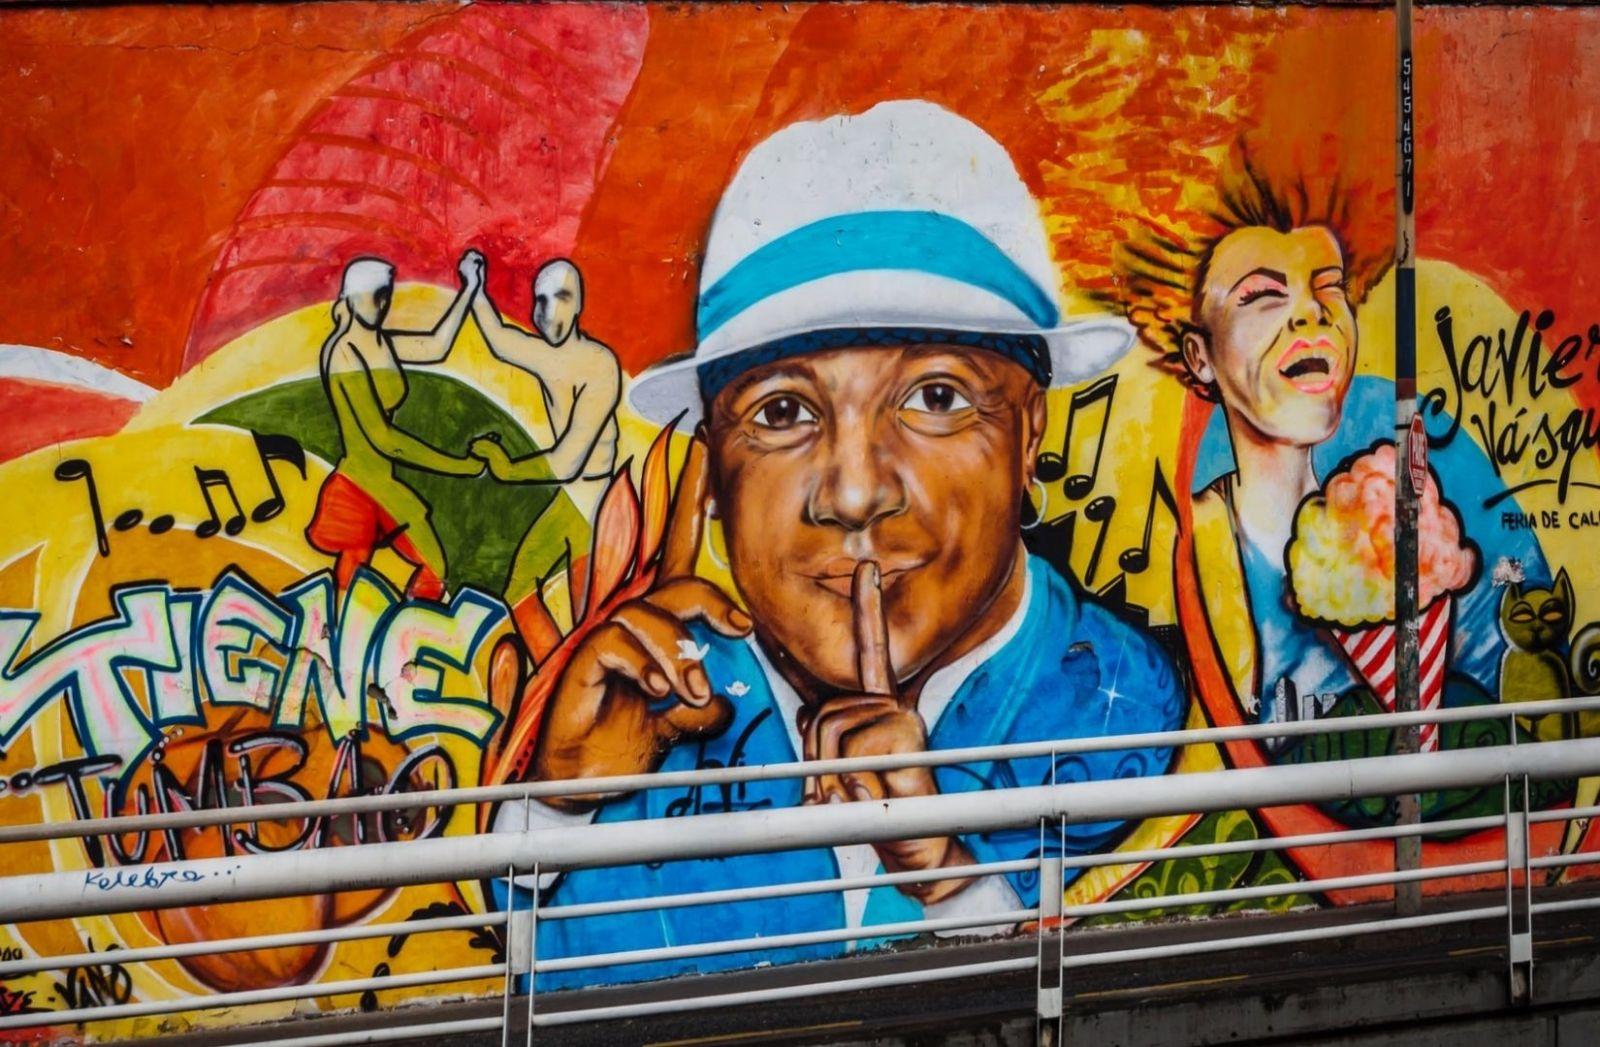 Über eine Scheidung spricht man nicht gern. Graffiti in Kolumbien. (Foto: Alexander Schimmeck, Unsplash.com)